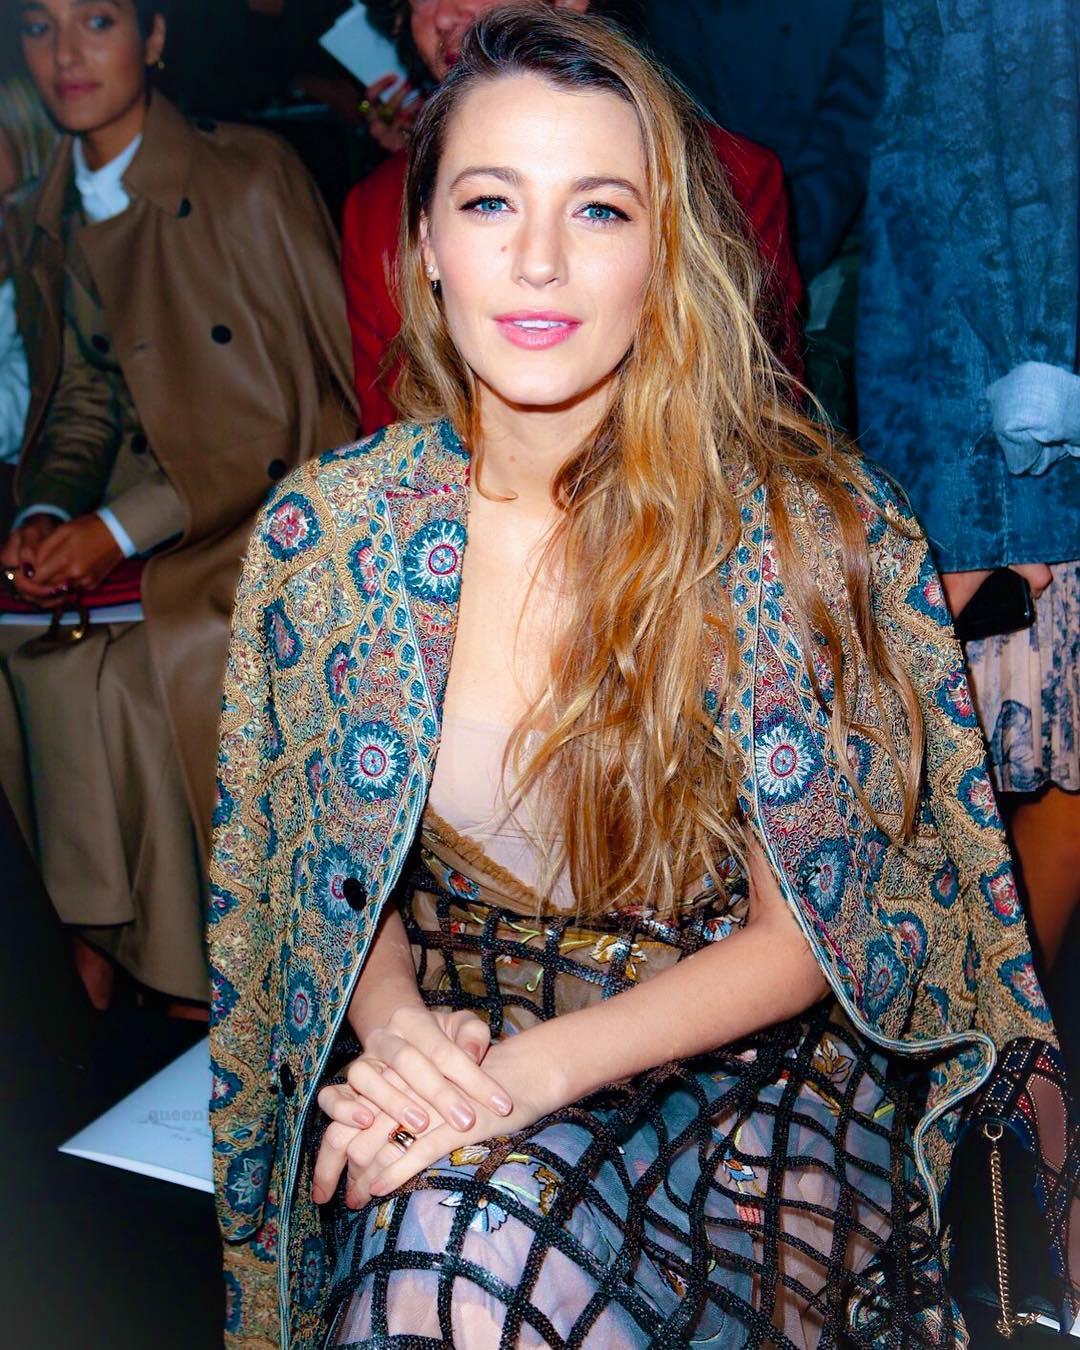 Шикарное платье Блейк Лайвли затмило всех моделей на показе Dior